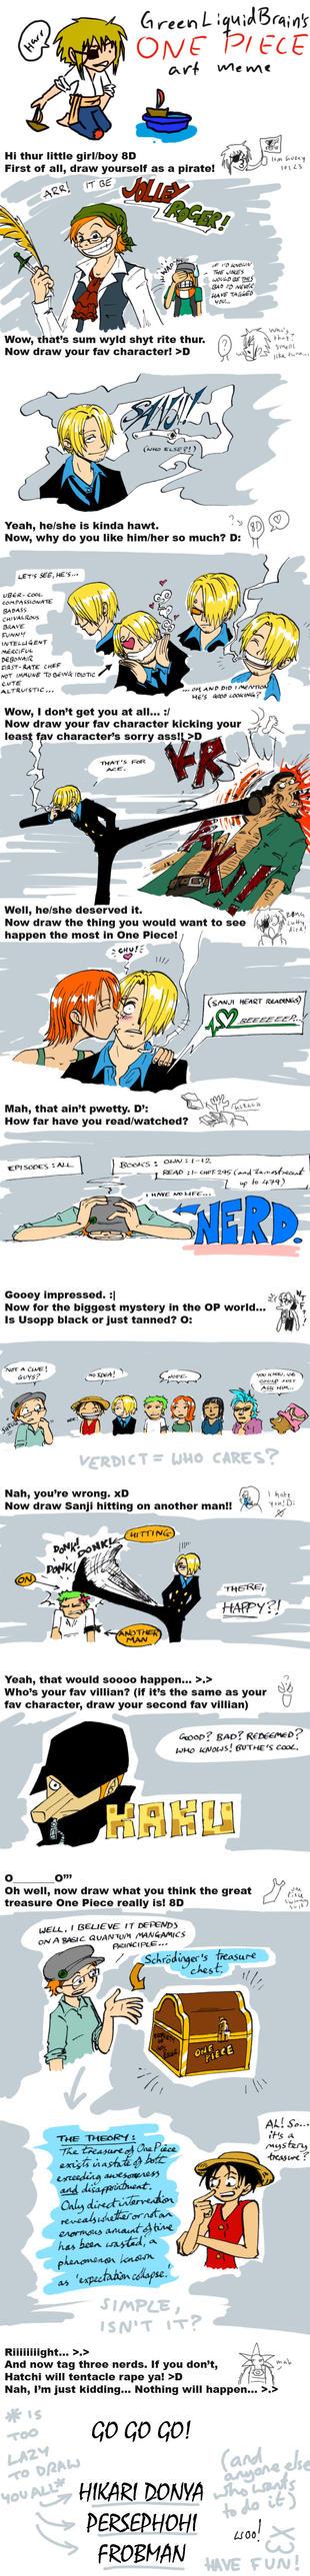 One Piece Meme by olafpriol